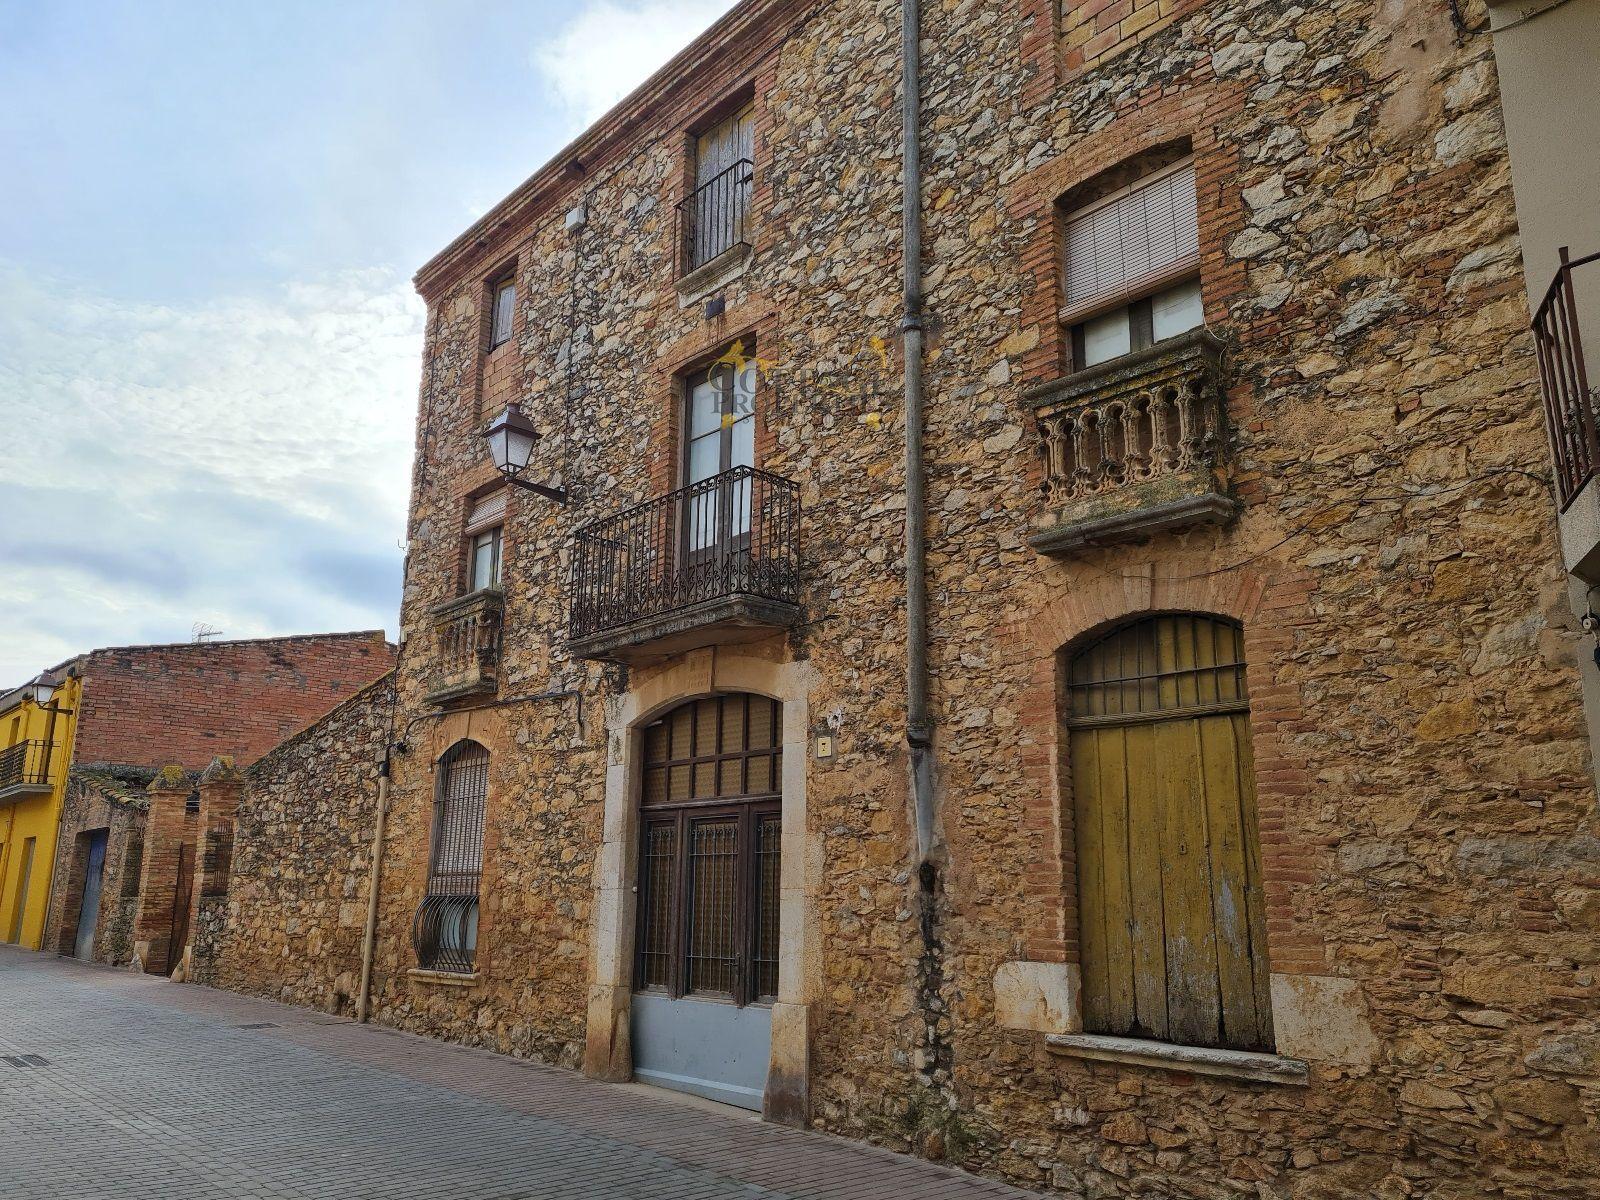 1518: Casas de pueblo in Fonteta